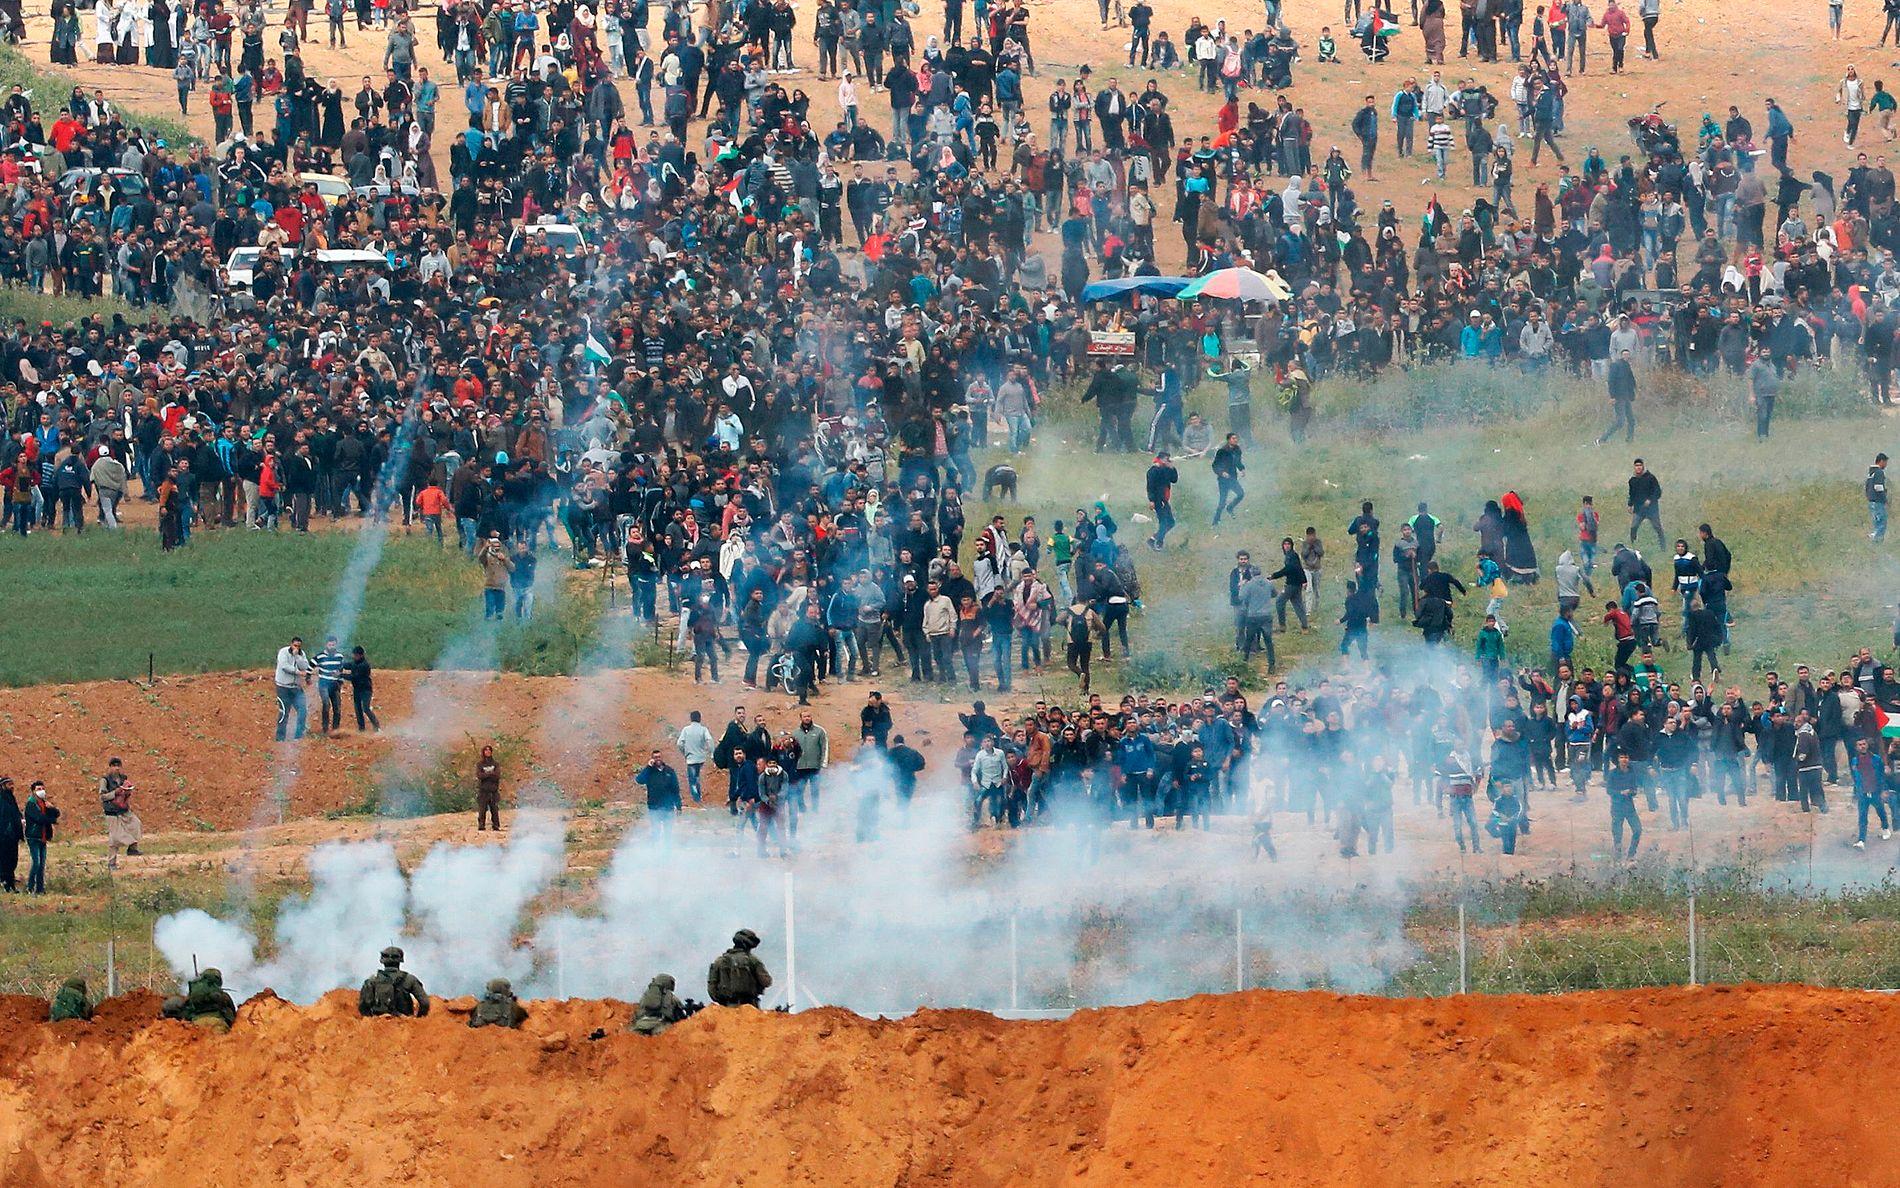 FLERE DREPT: Det israelske forsvaret har rullet ut stridsvogner, og slipper tåregass fra droner i et forsøk på å stagge den marsjerende mengden langs den israelsk-palestinske grensen.